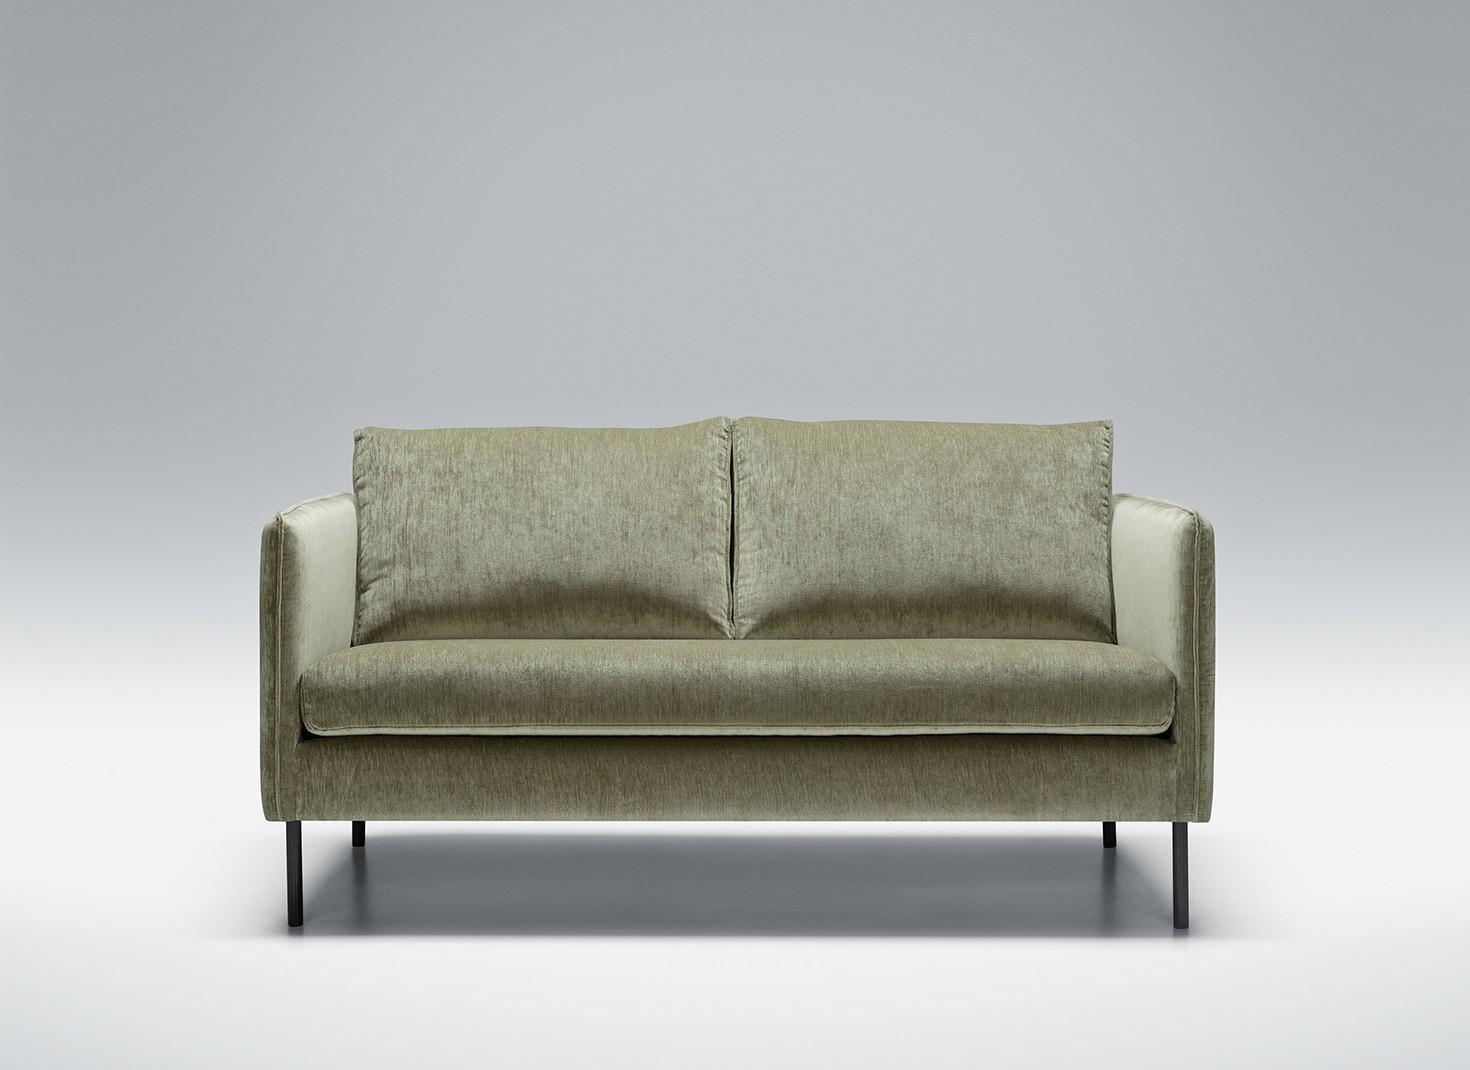 Kahlo 2 seater sofa - 1 seat cushion